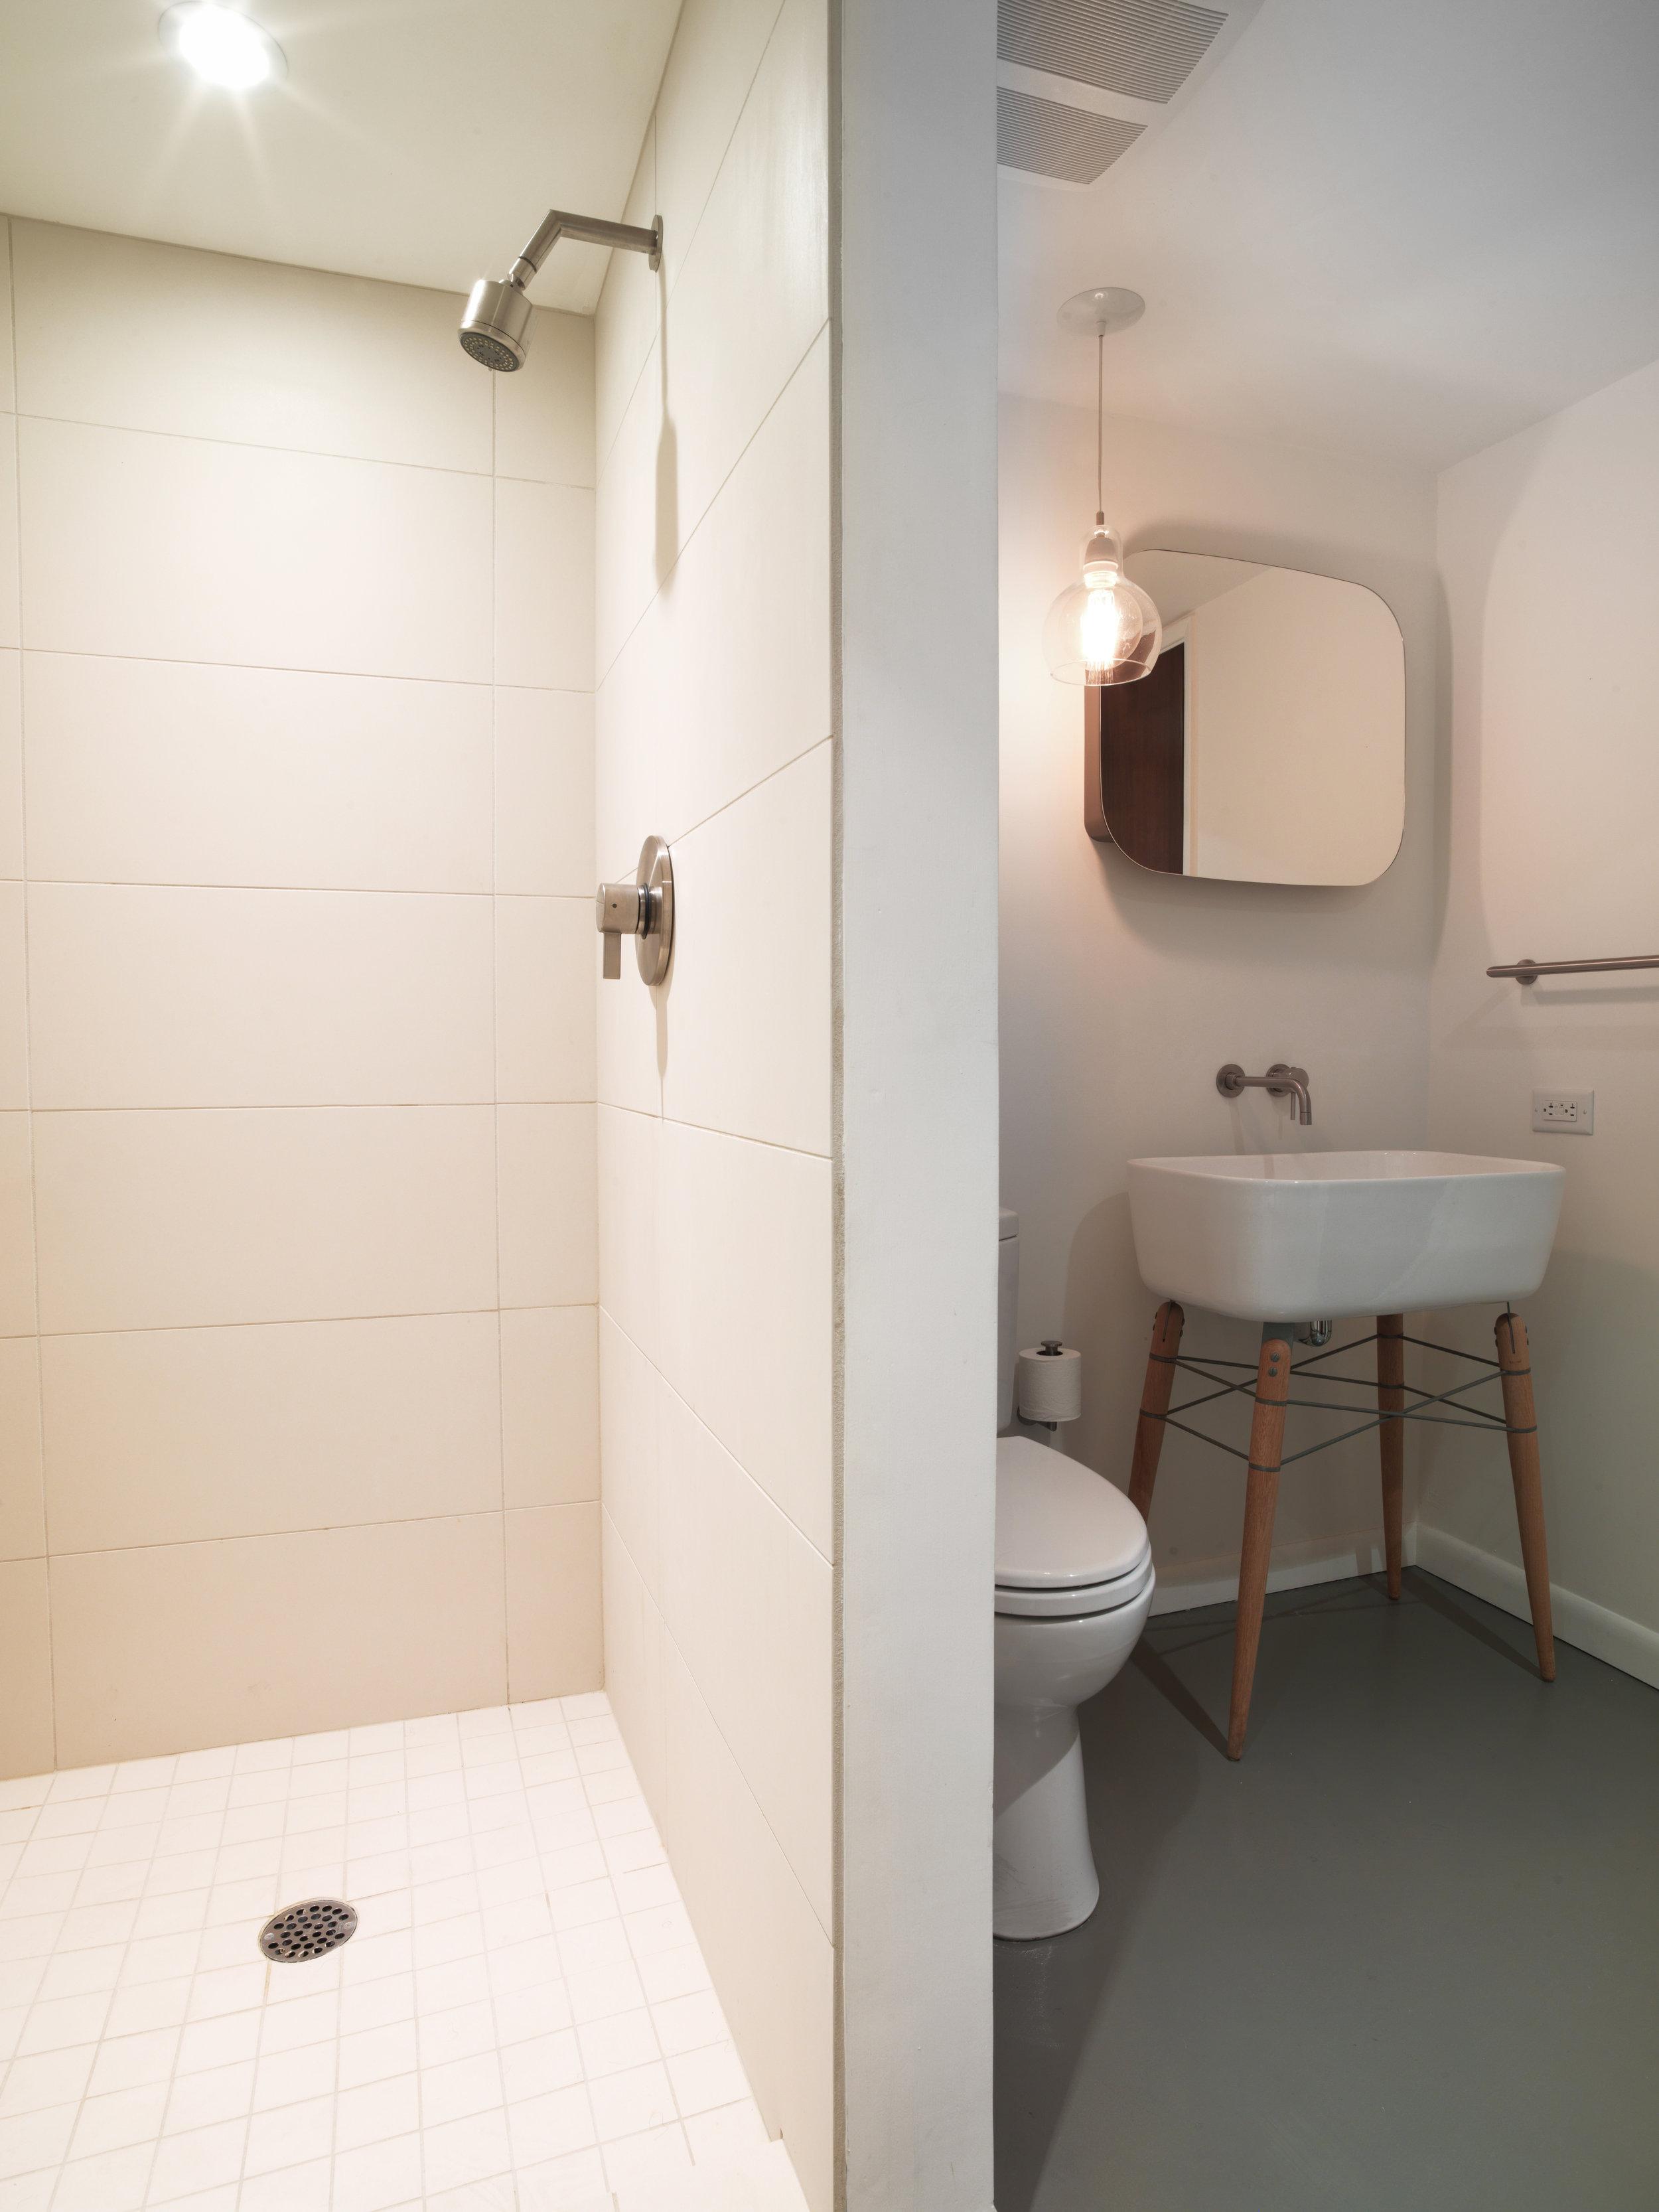 Robert_bathroom_remodel_9581.jpg